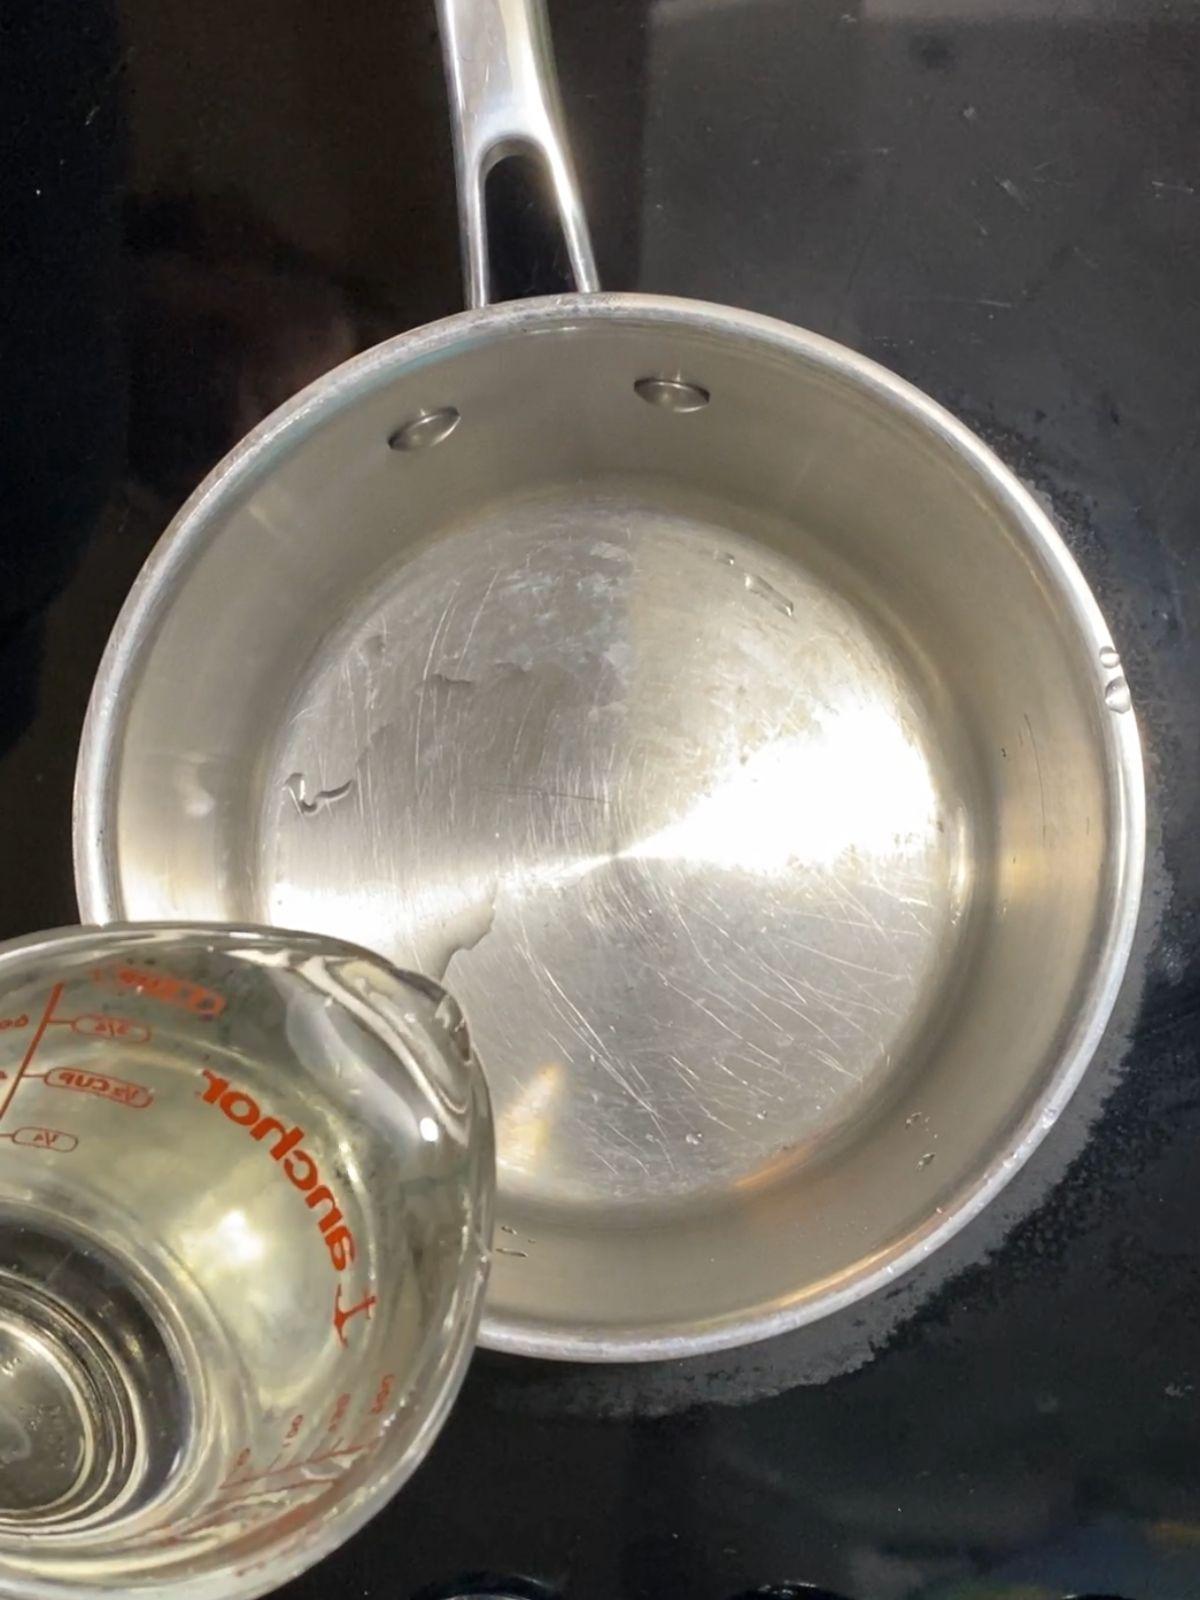 adding corn syrup to a saucepan.